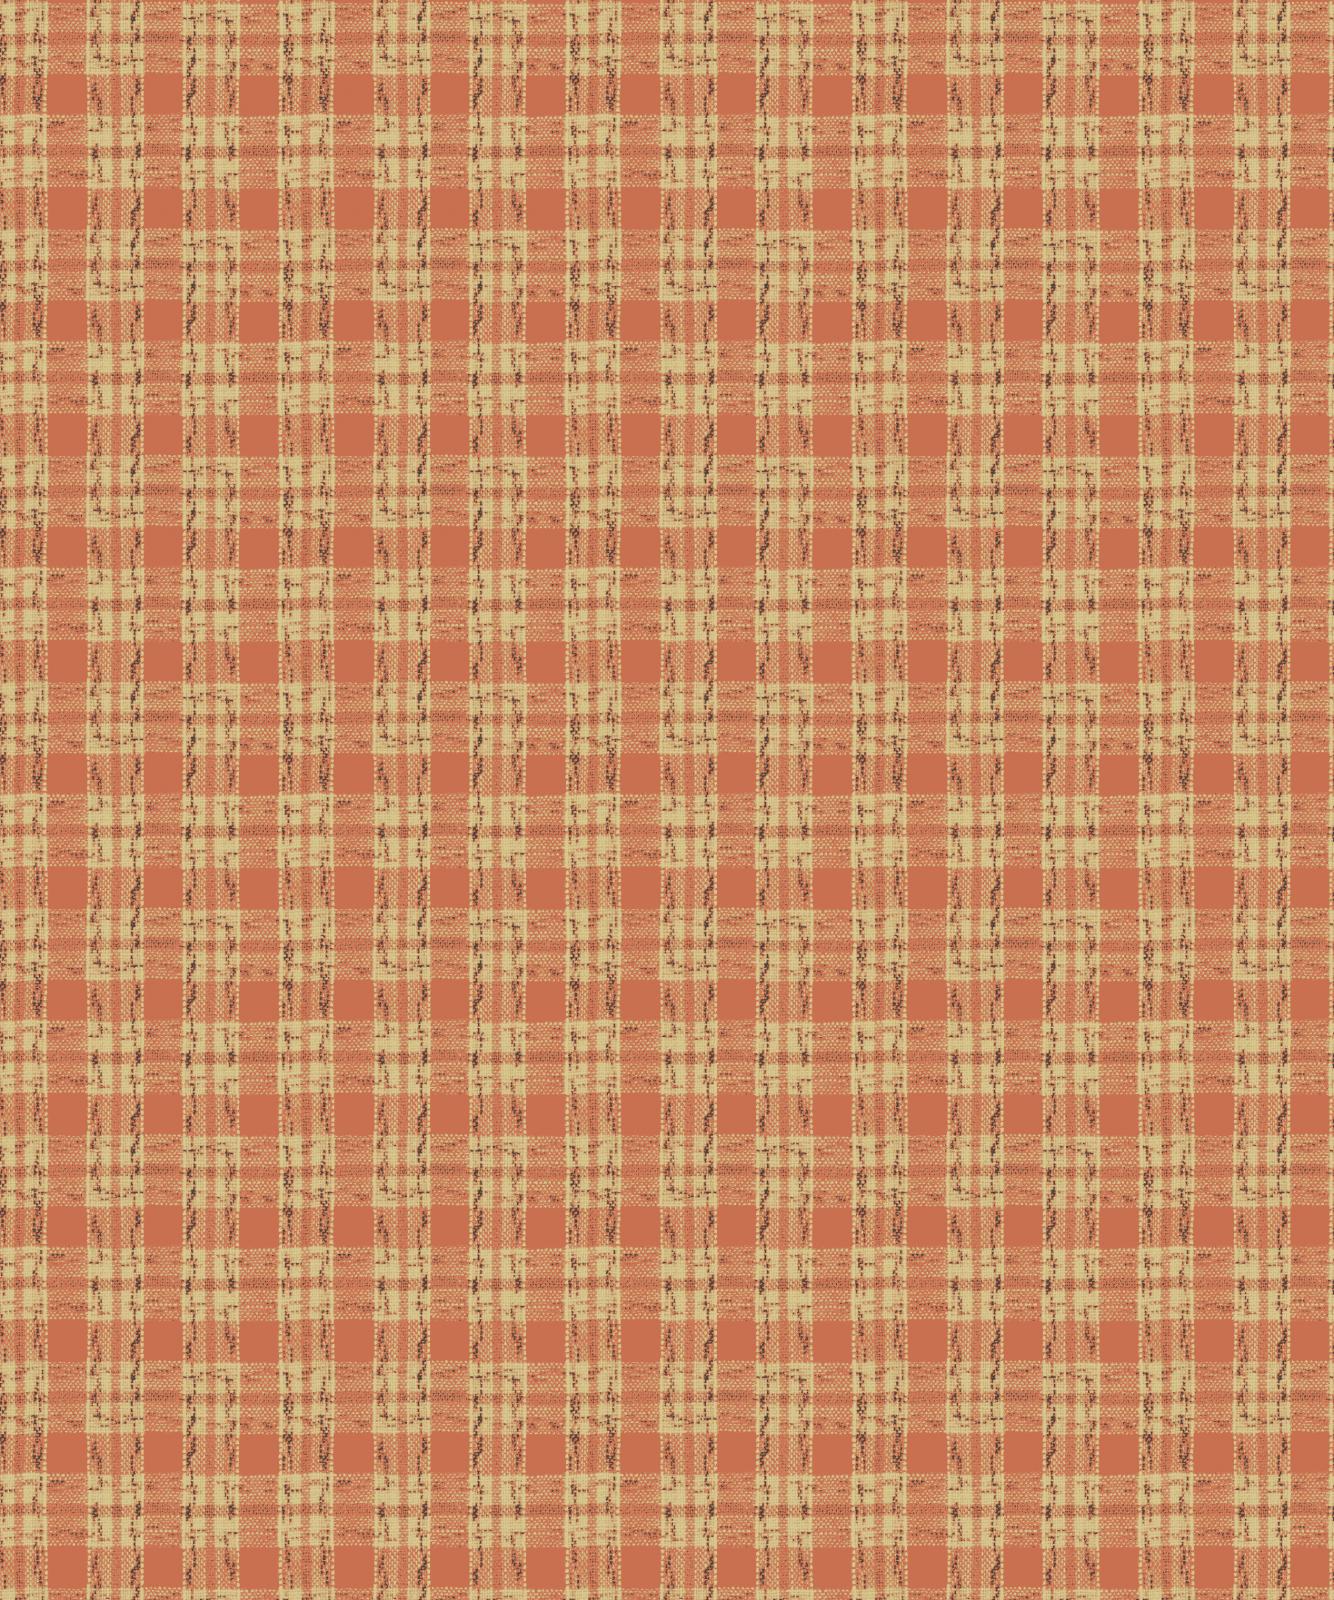 Garden Getaway Fabric 20 (0905 0130)